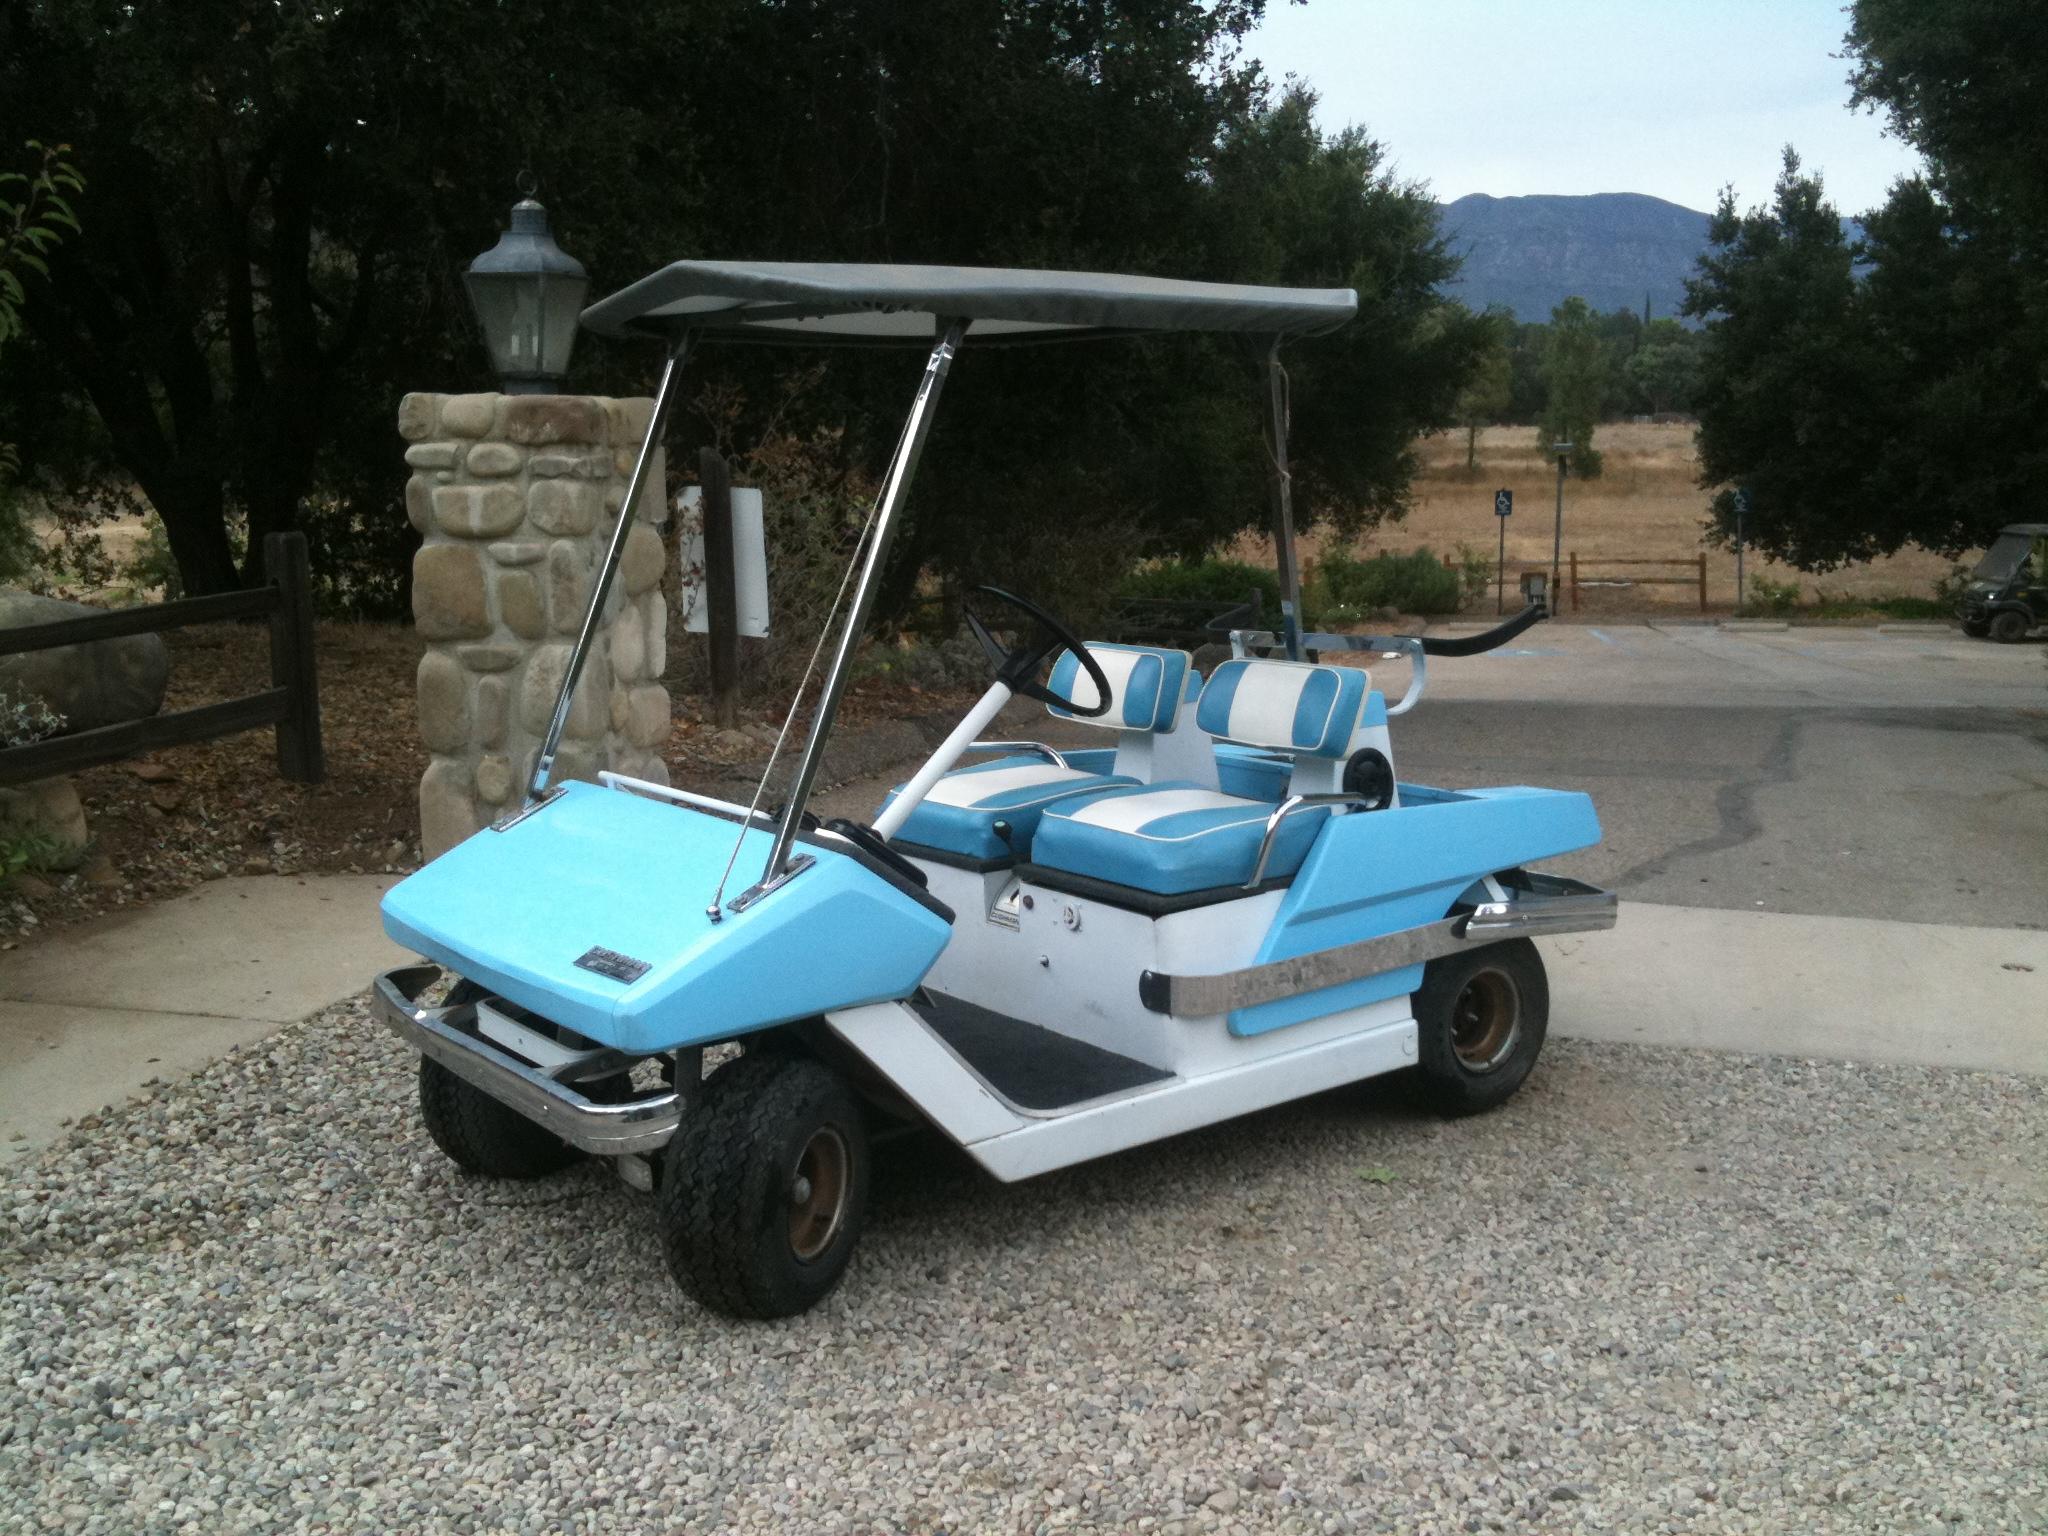 harley davidson golf cart wiring diagram 1988 honda crx cushman electric | get free image about